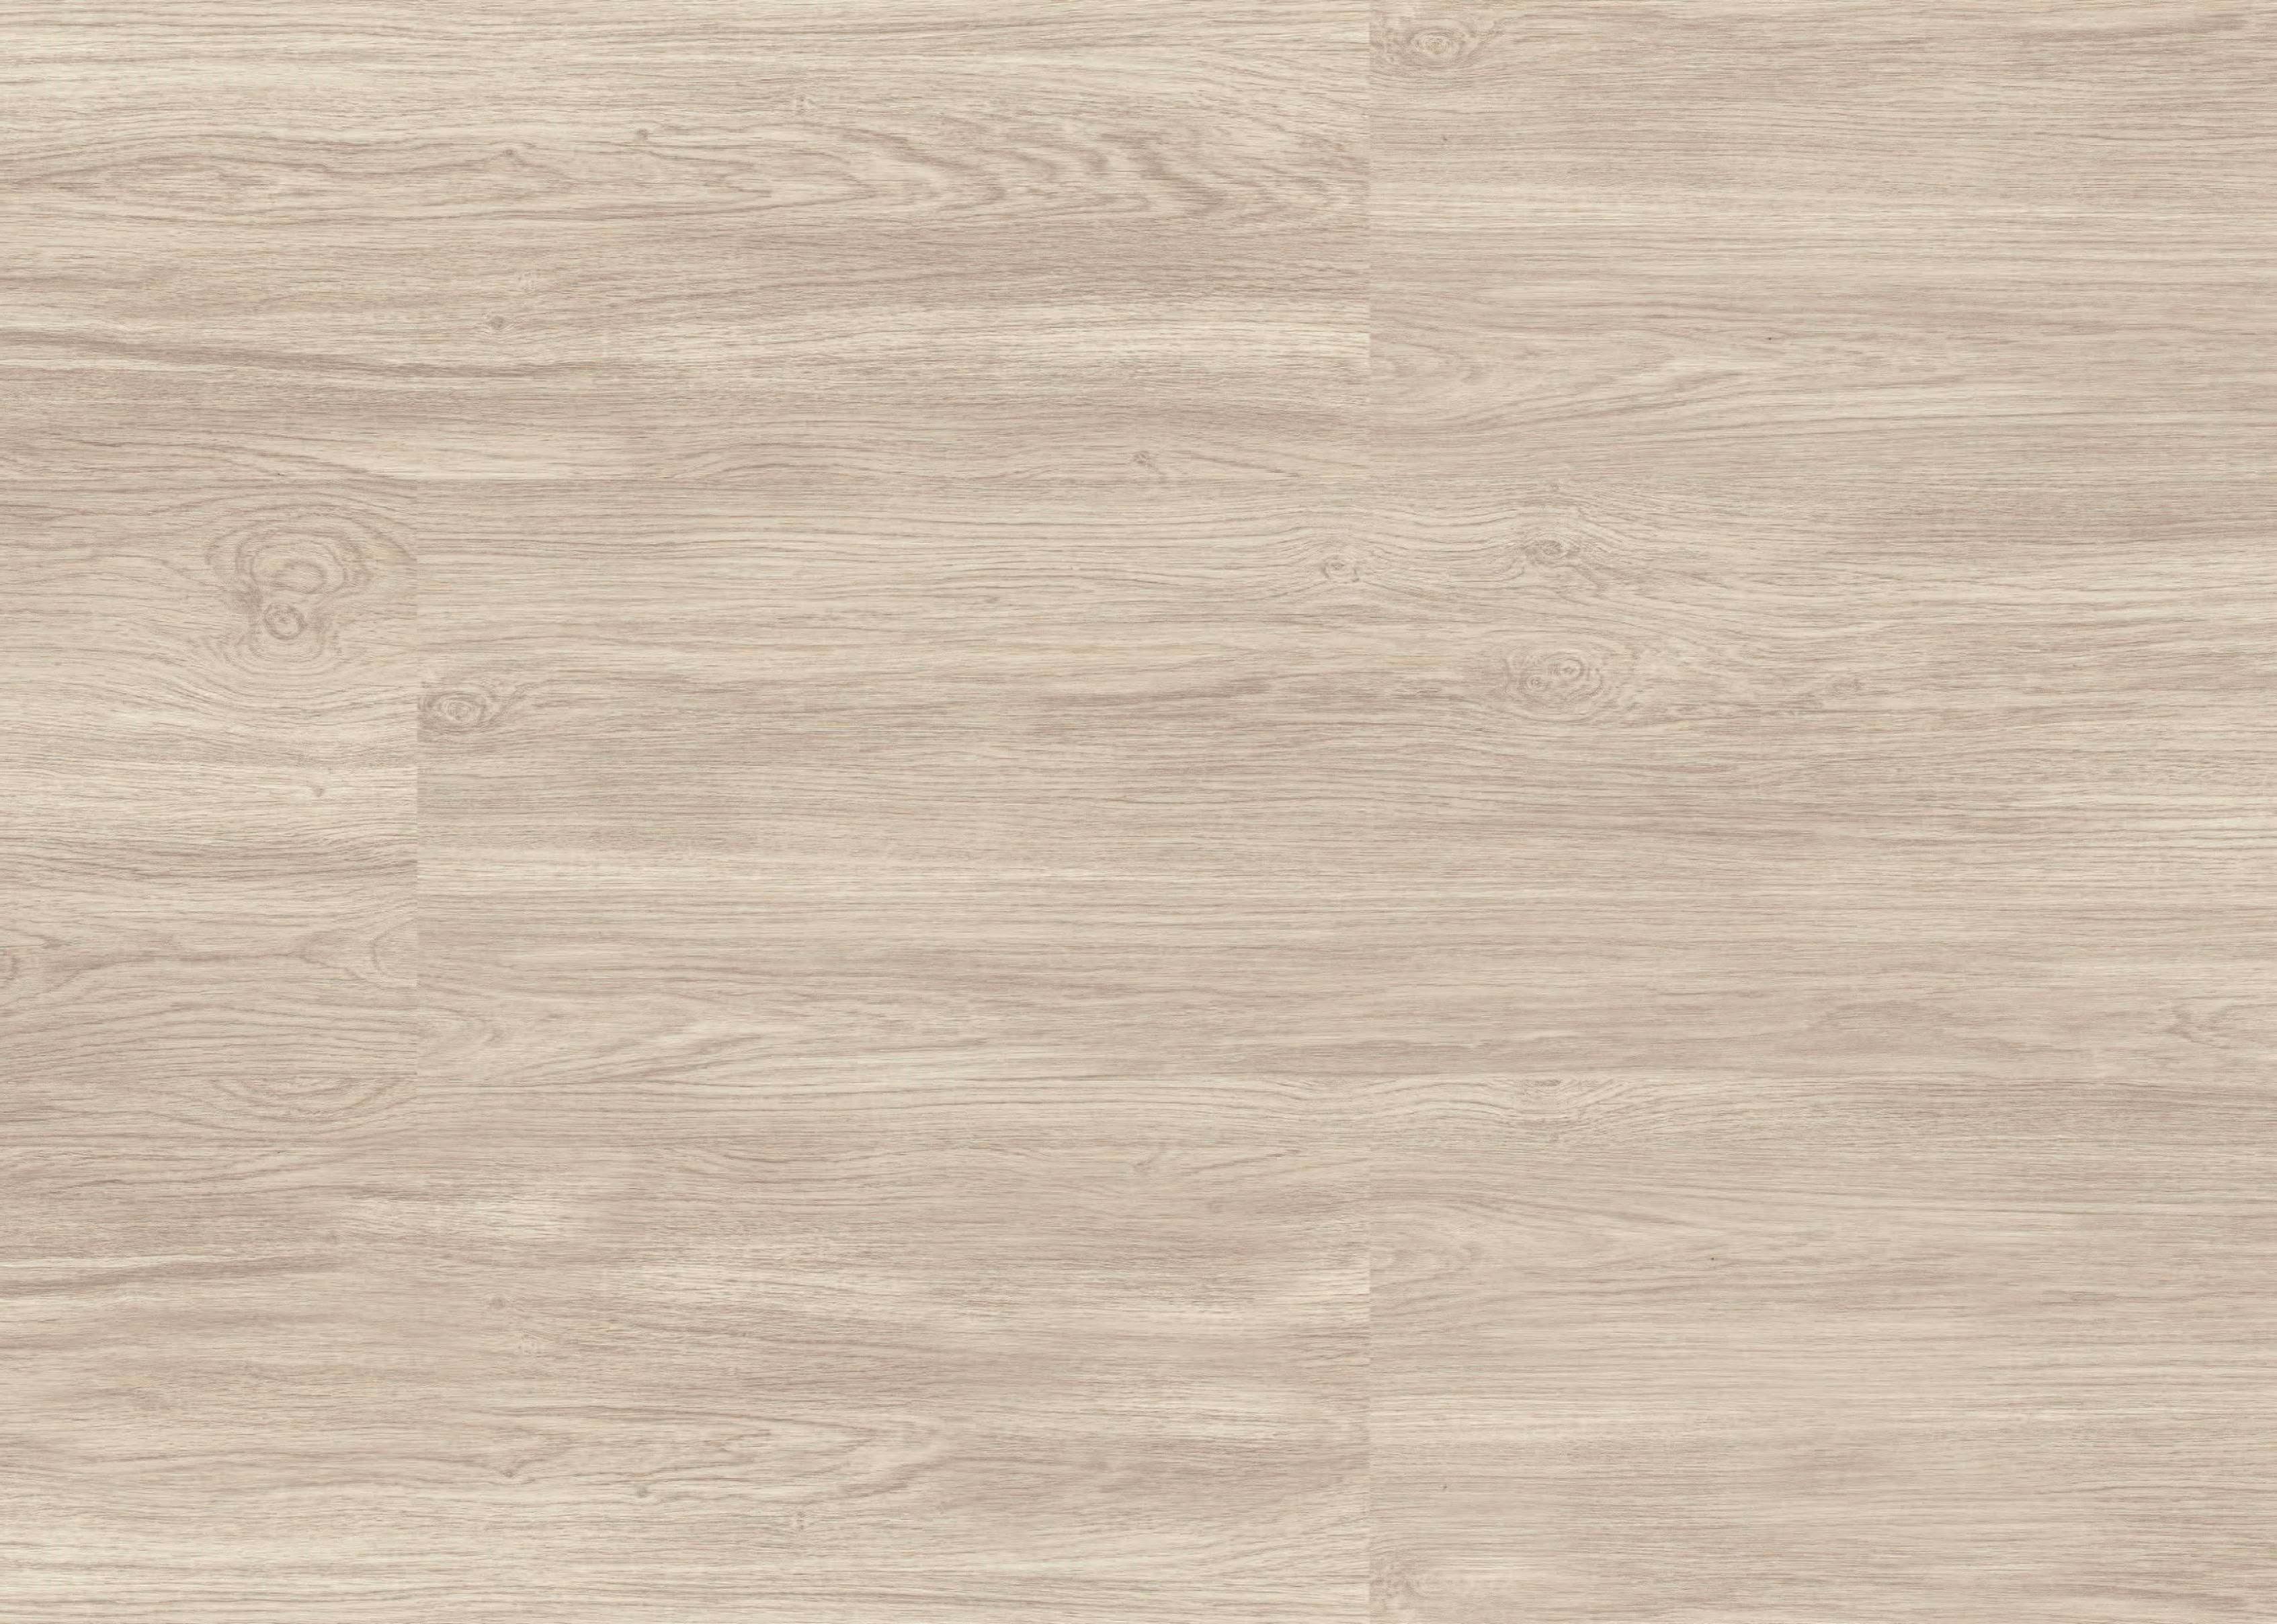 wohnkork vinylboden pronto economy deutsche eiche weiss parkett online shop timbertown. Black Bedroom Furniture Sets. Home Design Ideas